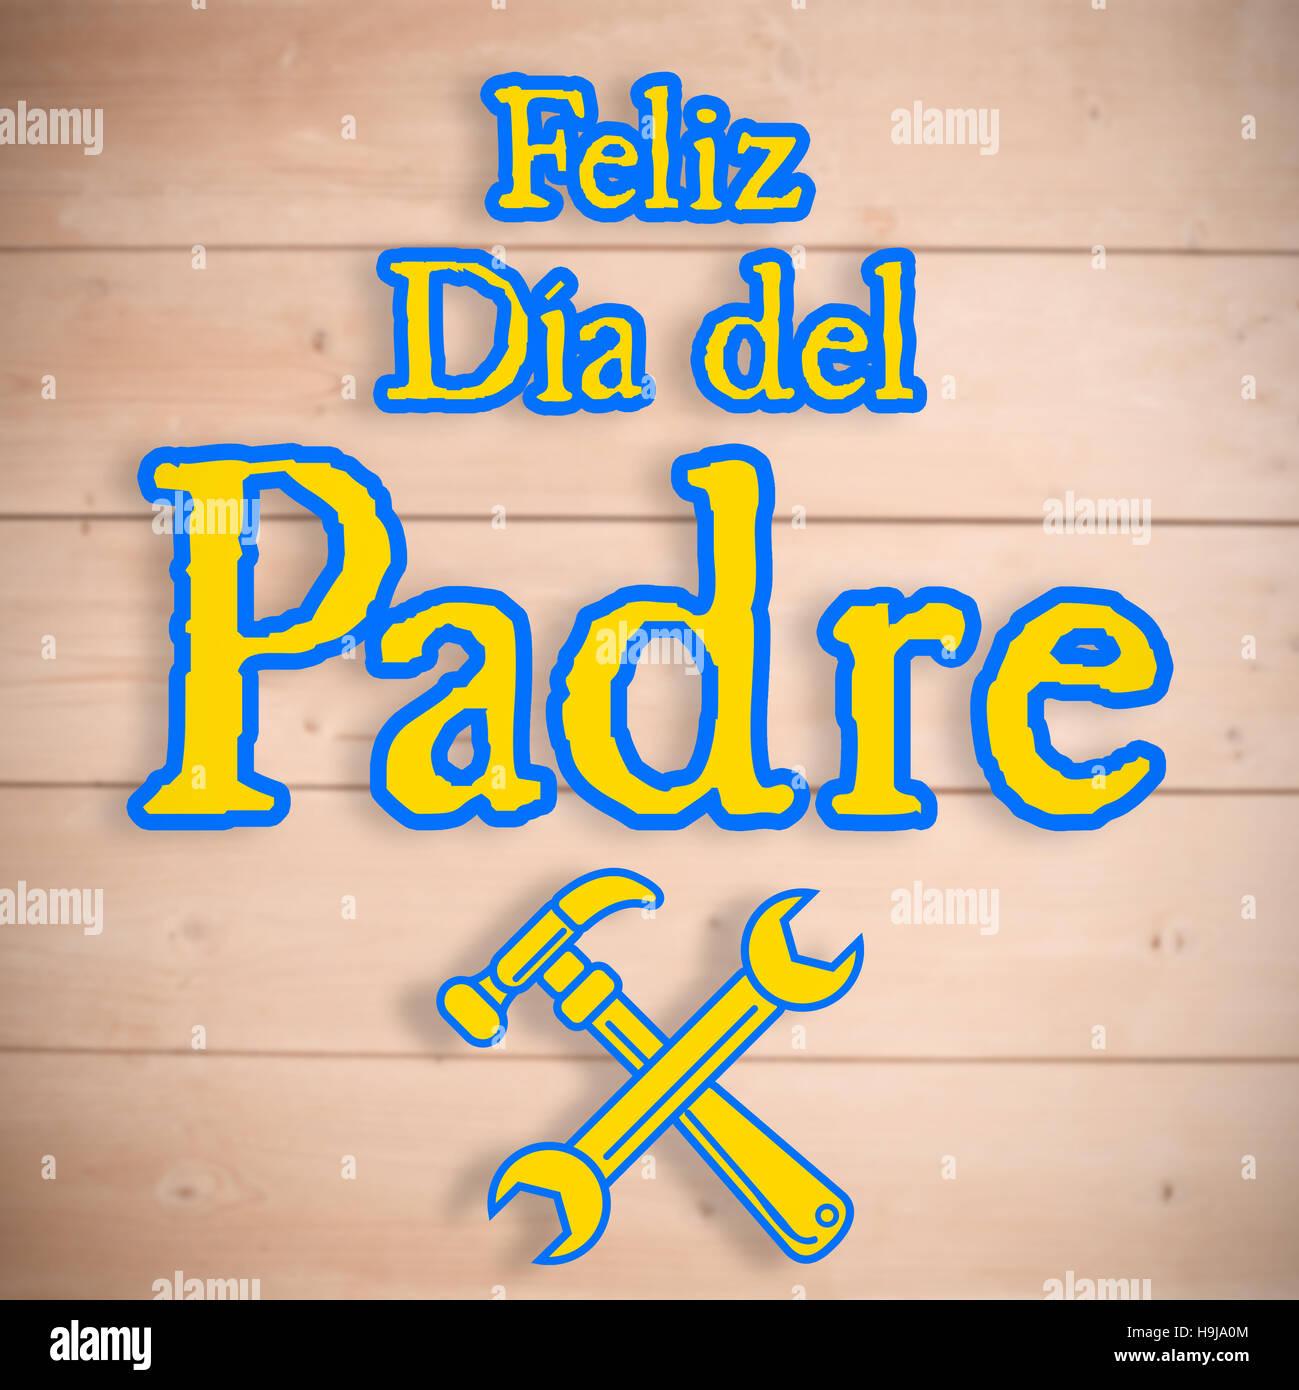 Imagen compuesta de herramientas y Feliz Dia del padre Imagen De Stock